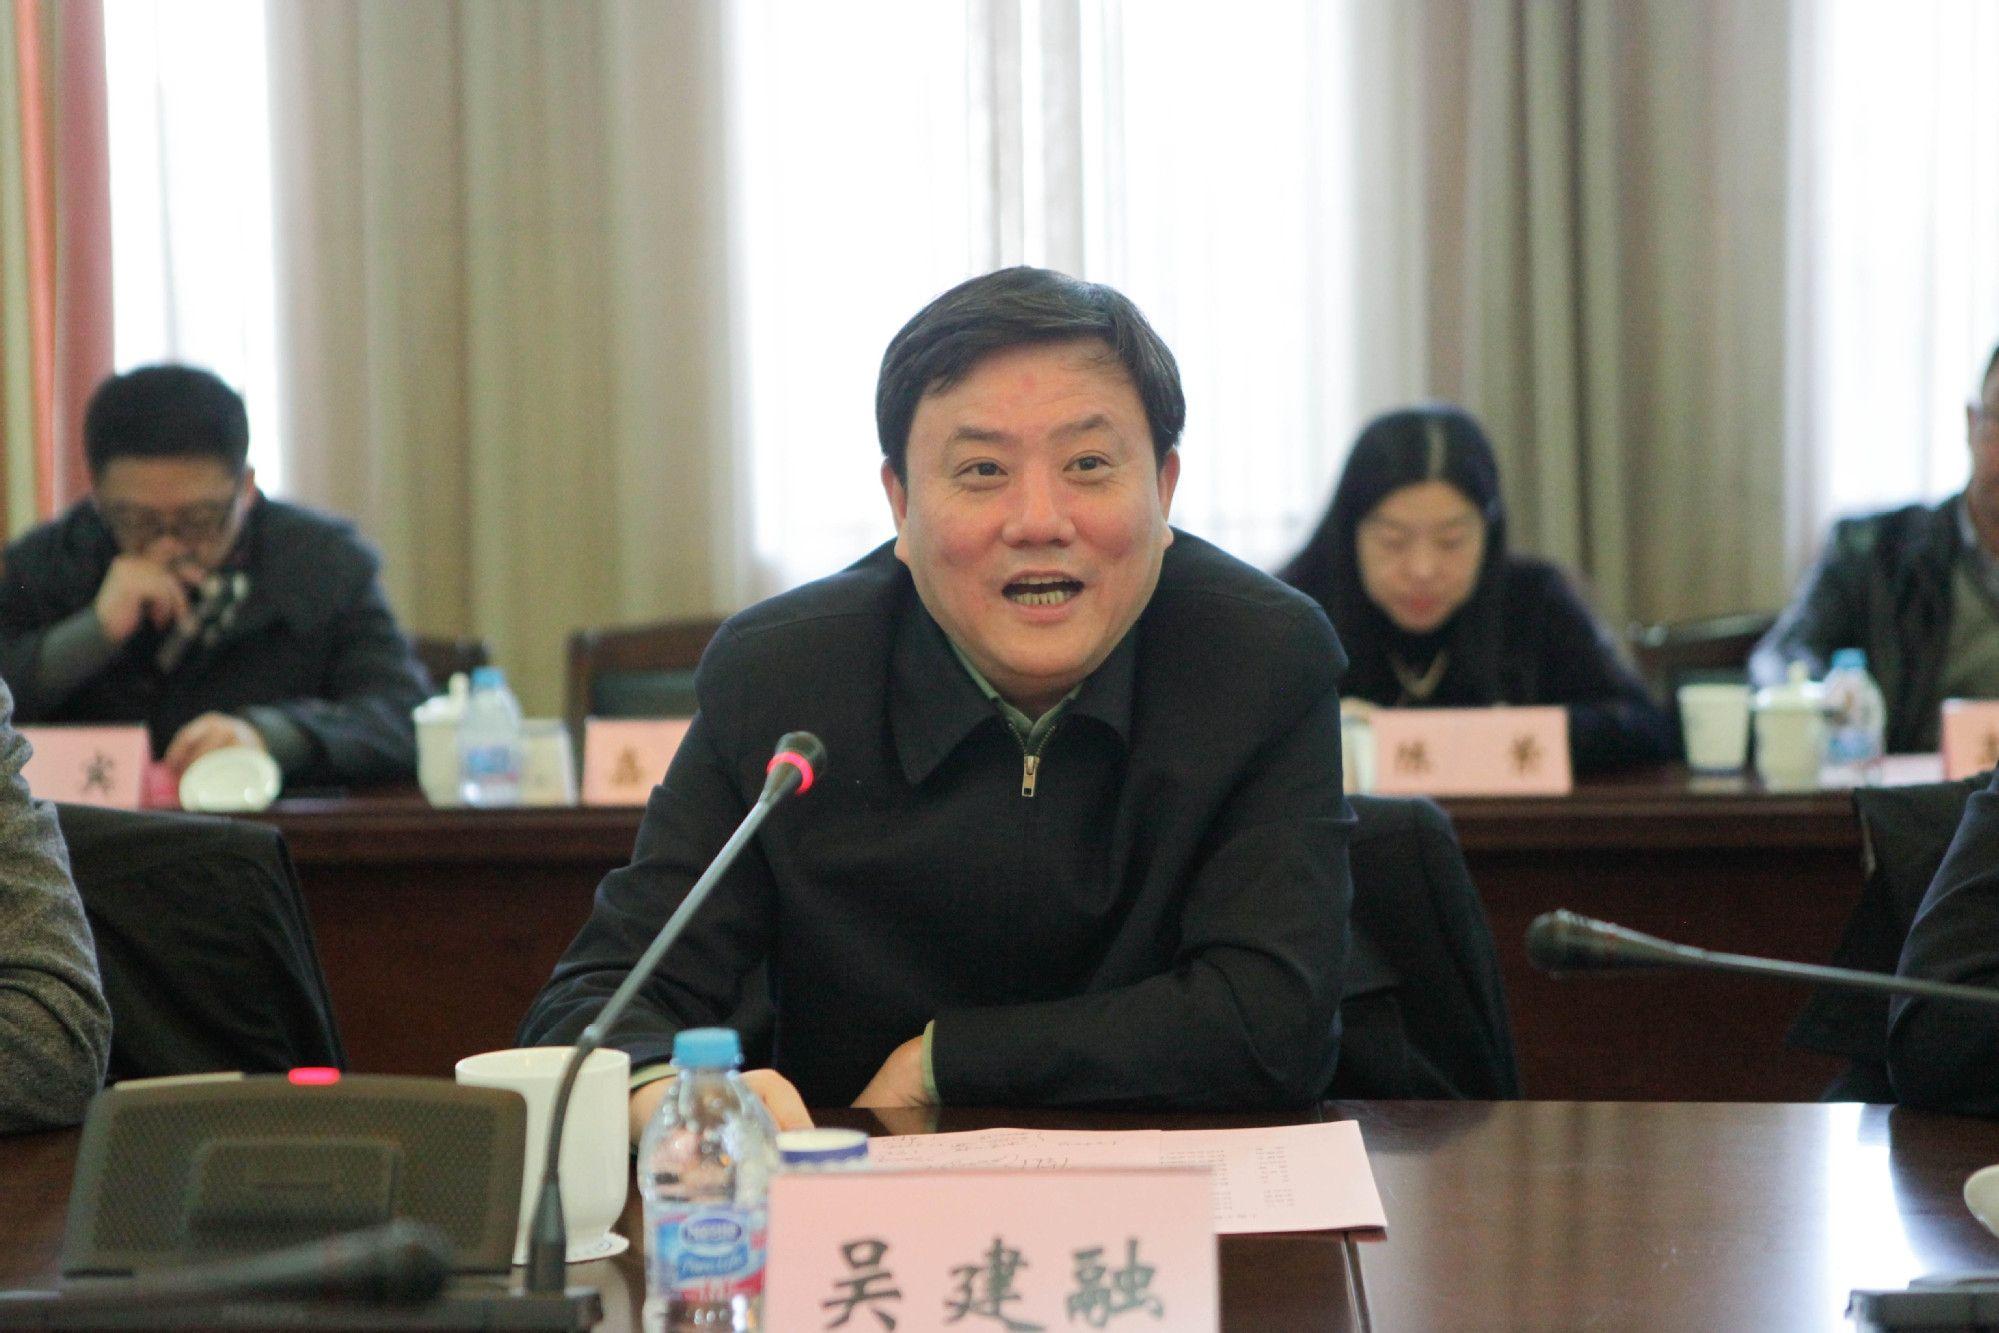 上海机场集团董事长吴建融被调查